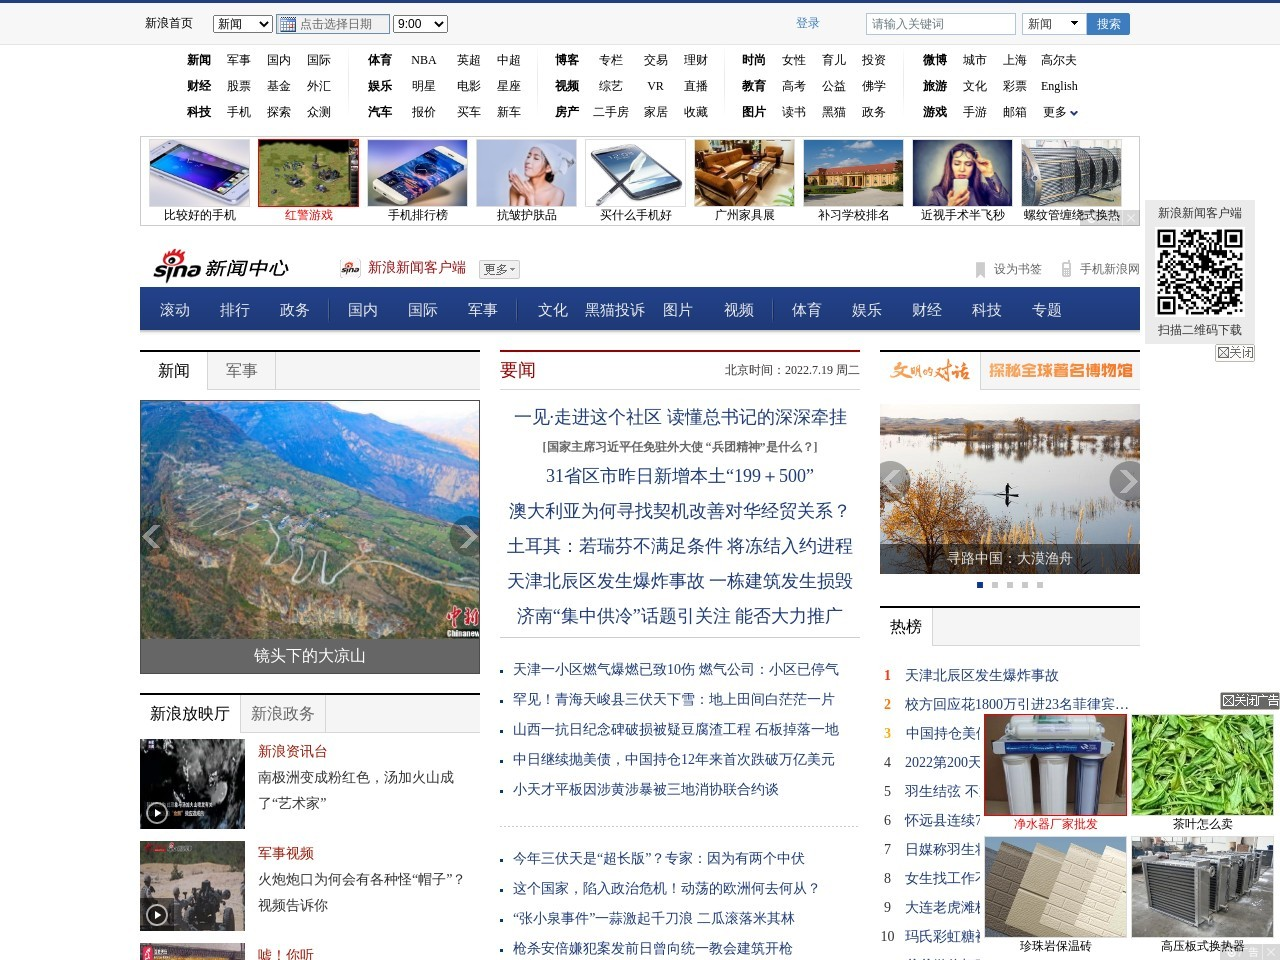 新华全媒+|情牵八闽山水间_新浪新闻